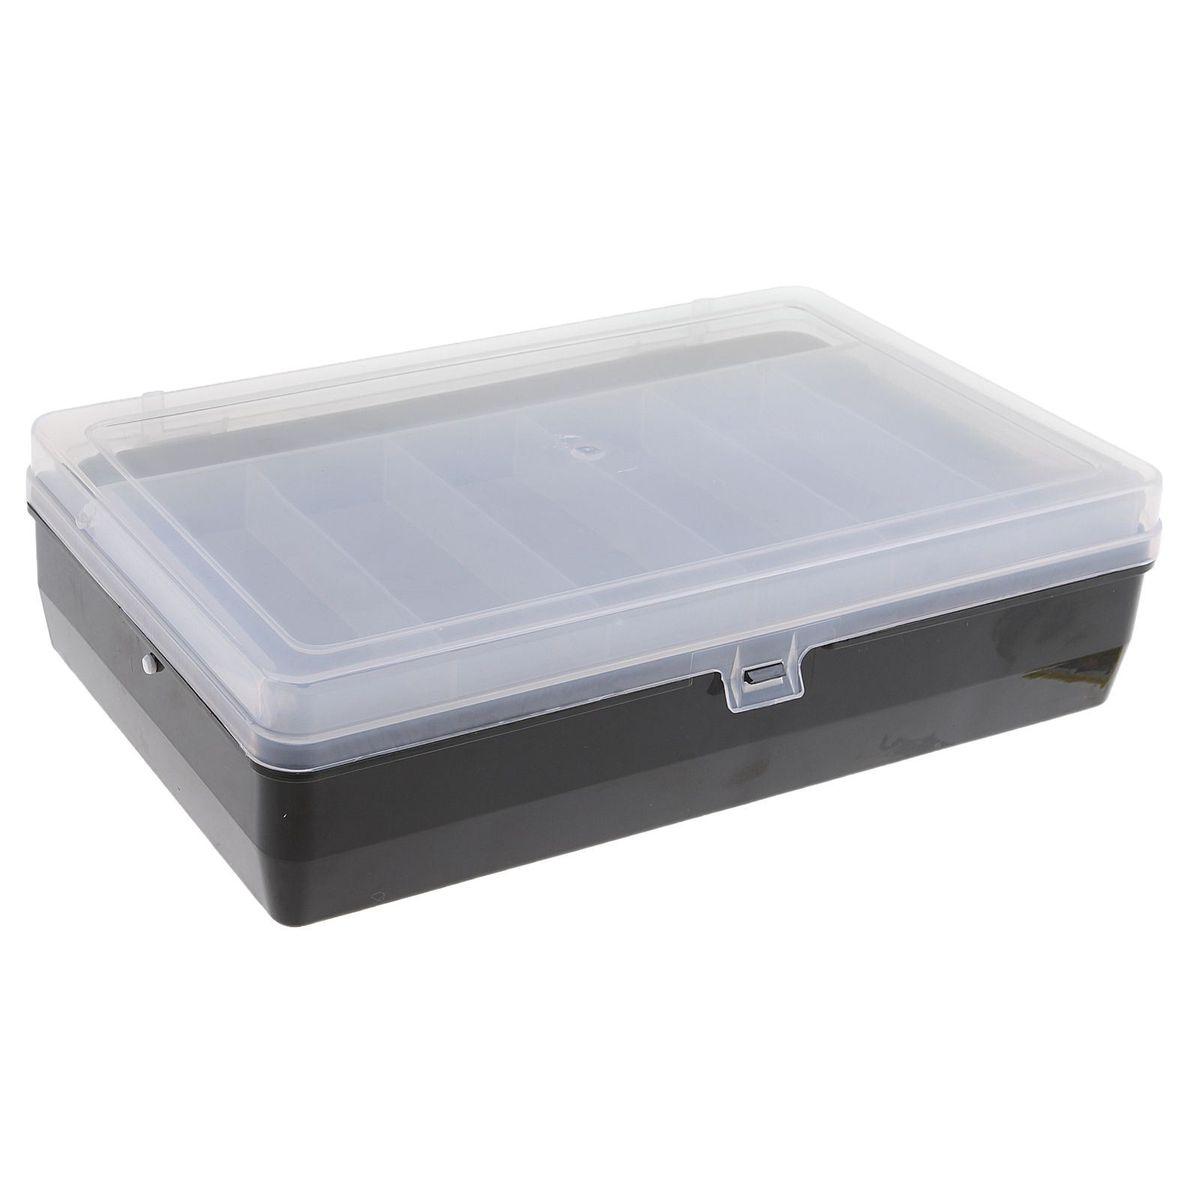 Коробка для крючков и насадок Тривол, двухъярусная, с микролифтом, цвет: зеленый, 23 х 15 х 6,5 см1271657Коробки для крючков, как и другие аксессуары для рыбалки, помогут сделать процесс подготовки к самой рыбной ловле максимально удобным. Сегодня мы можем предложить всем нашим посетителям такие коробки для крючков, которые идеально подойдут в любое время года, для любого типа рыбалки и помогут вовремя отыскать среди всех снастей именно те, которые необходимы на данный момент.